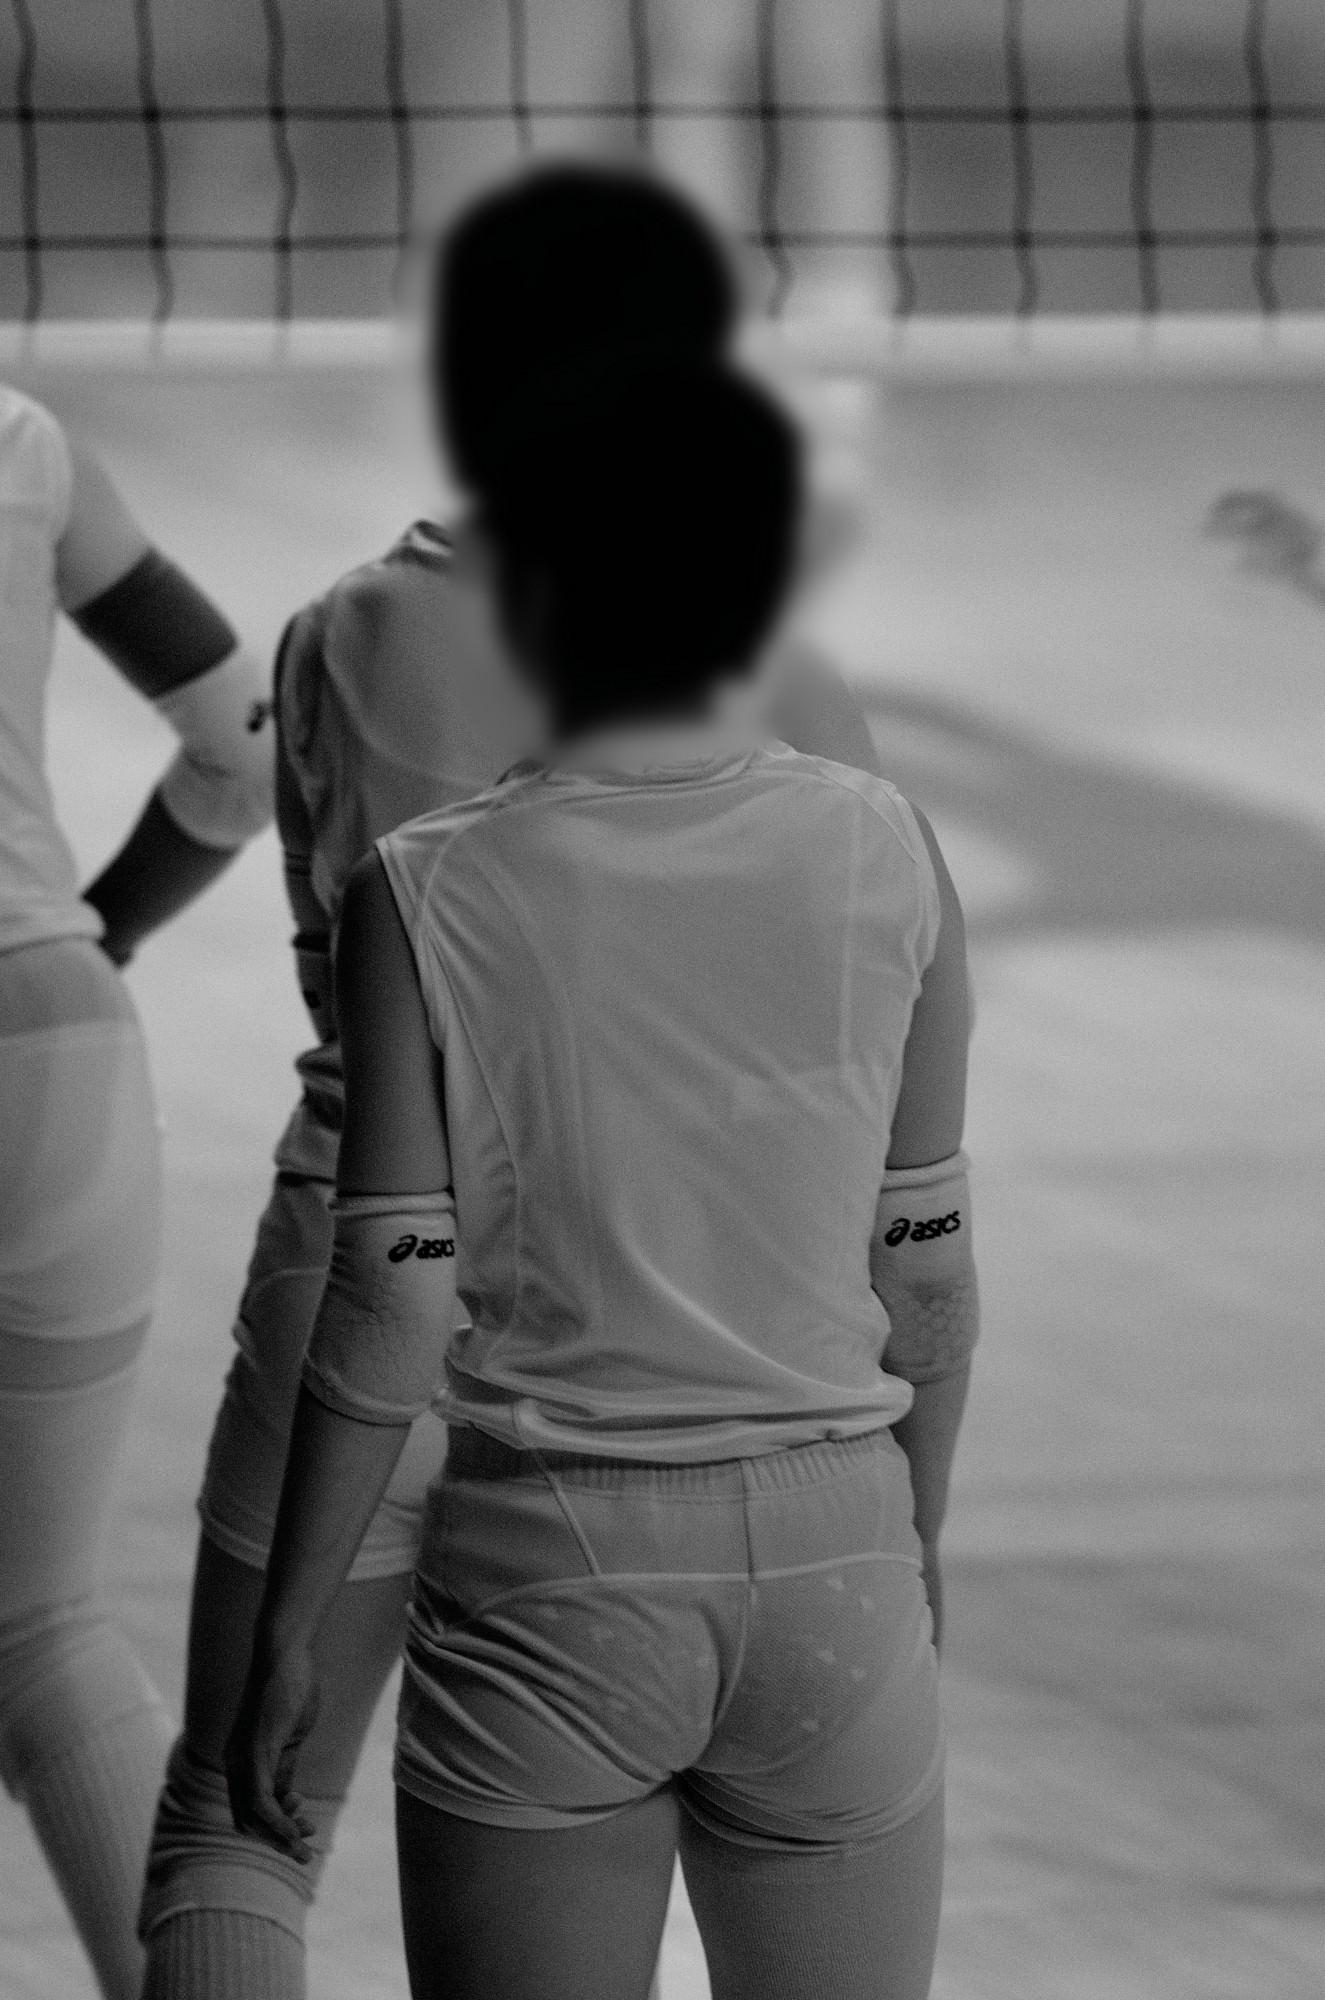 赤外線カメラ半端ない!!女子バレー選手のパンツとブラが透けまくってるスポーツ系エロ画像 2622